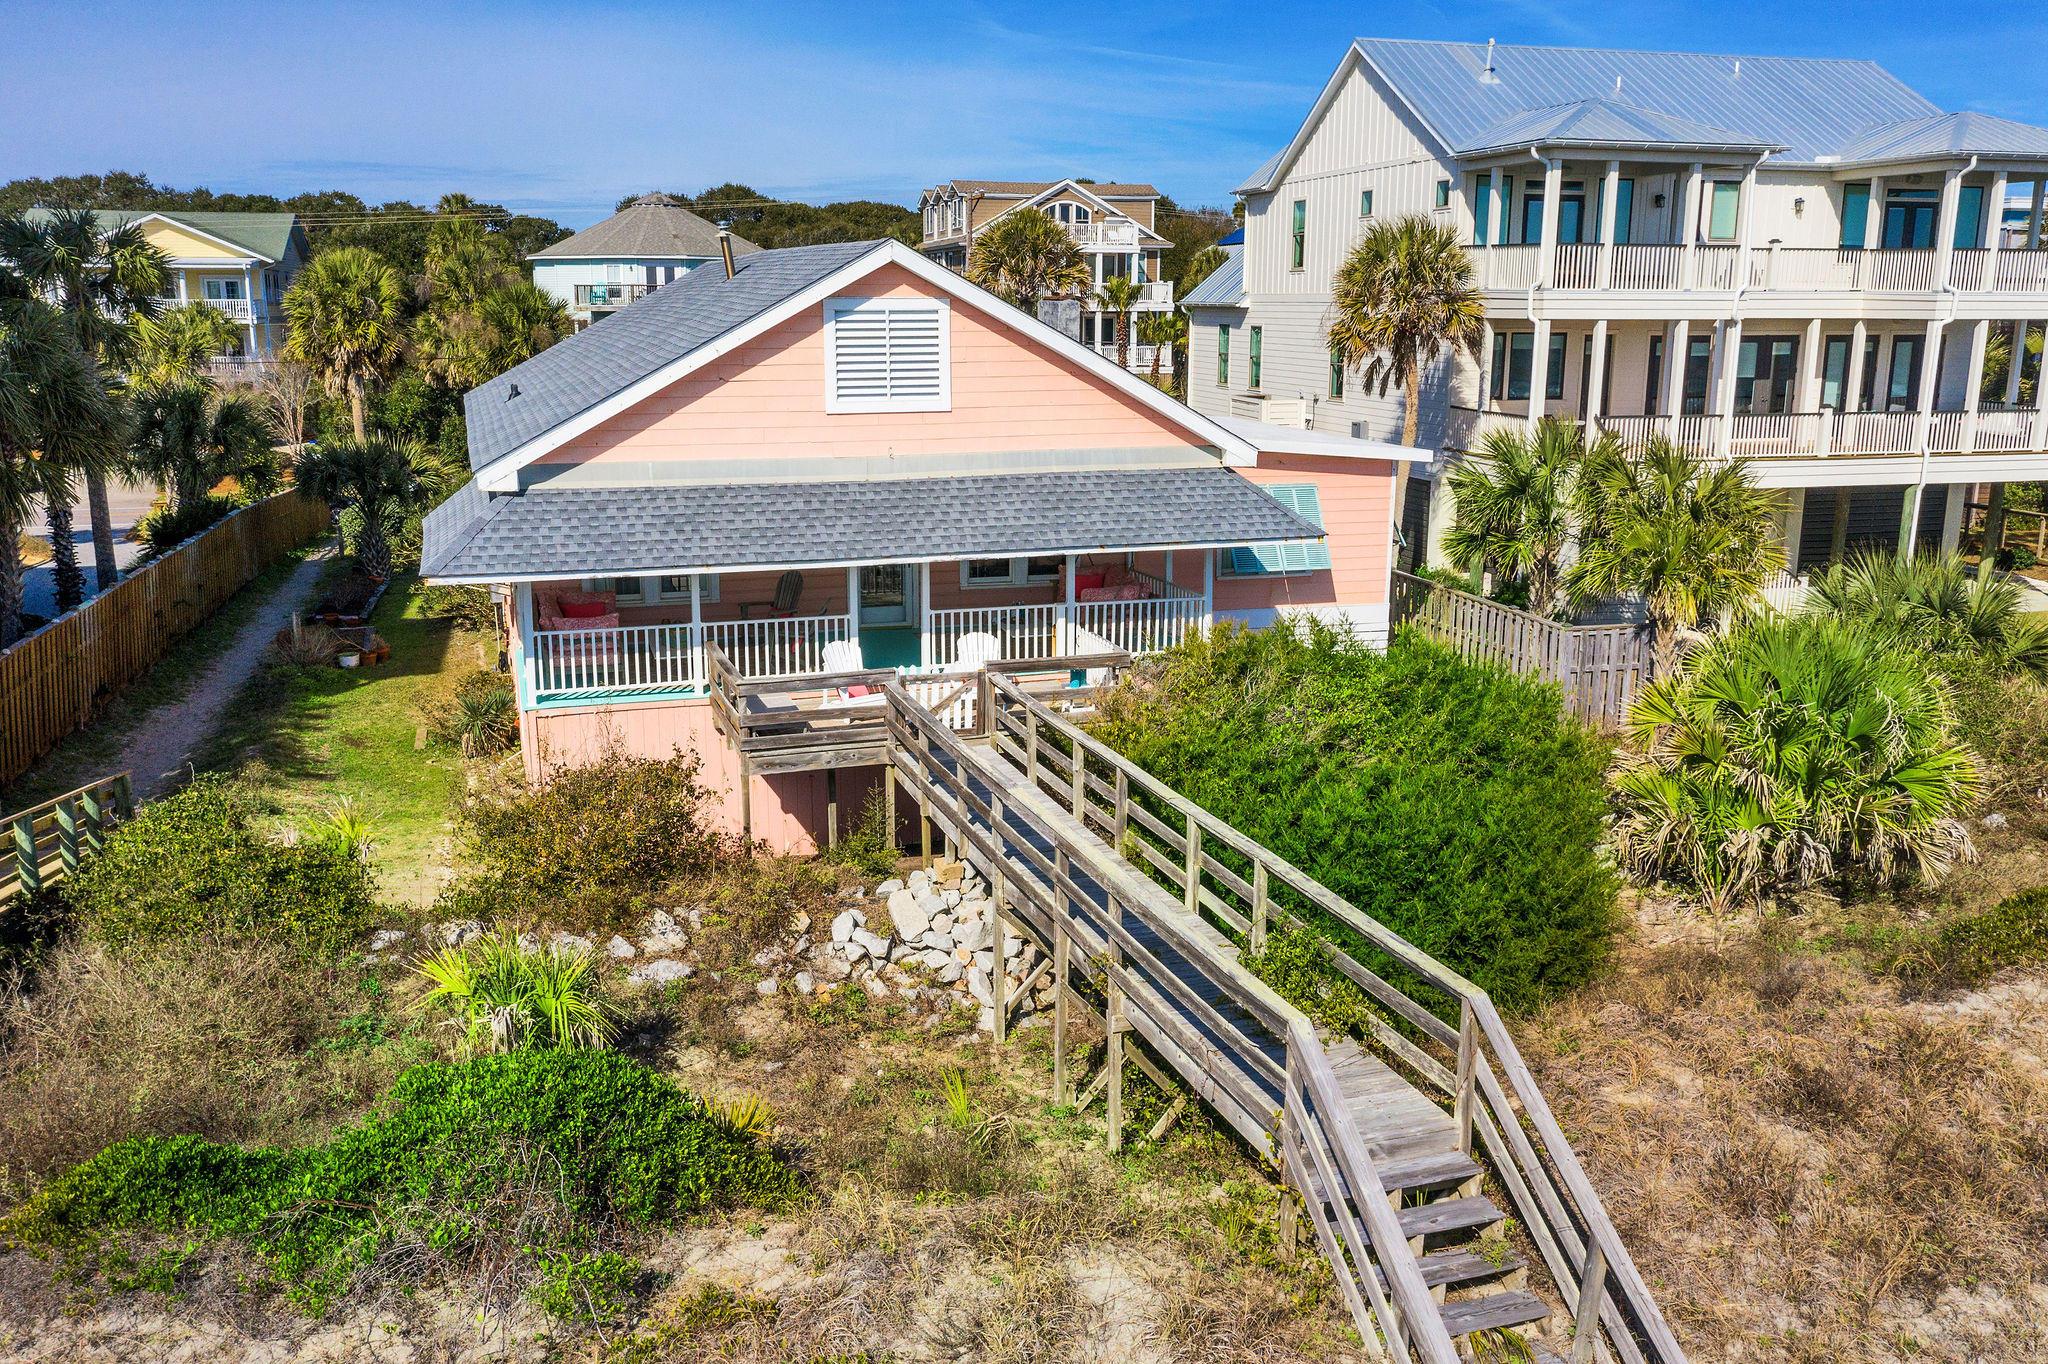 Folly Beach Homes For Sale - 509 Ashley, Folly Beach, SC - 58